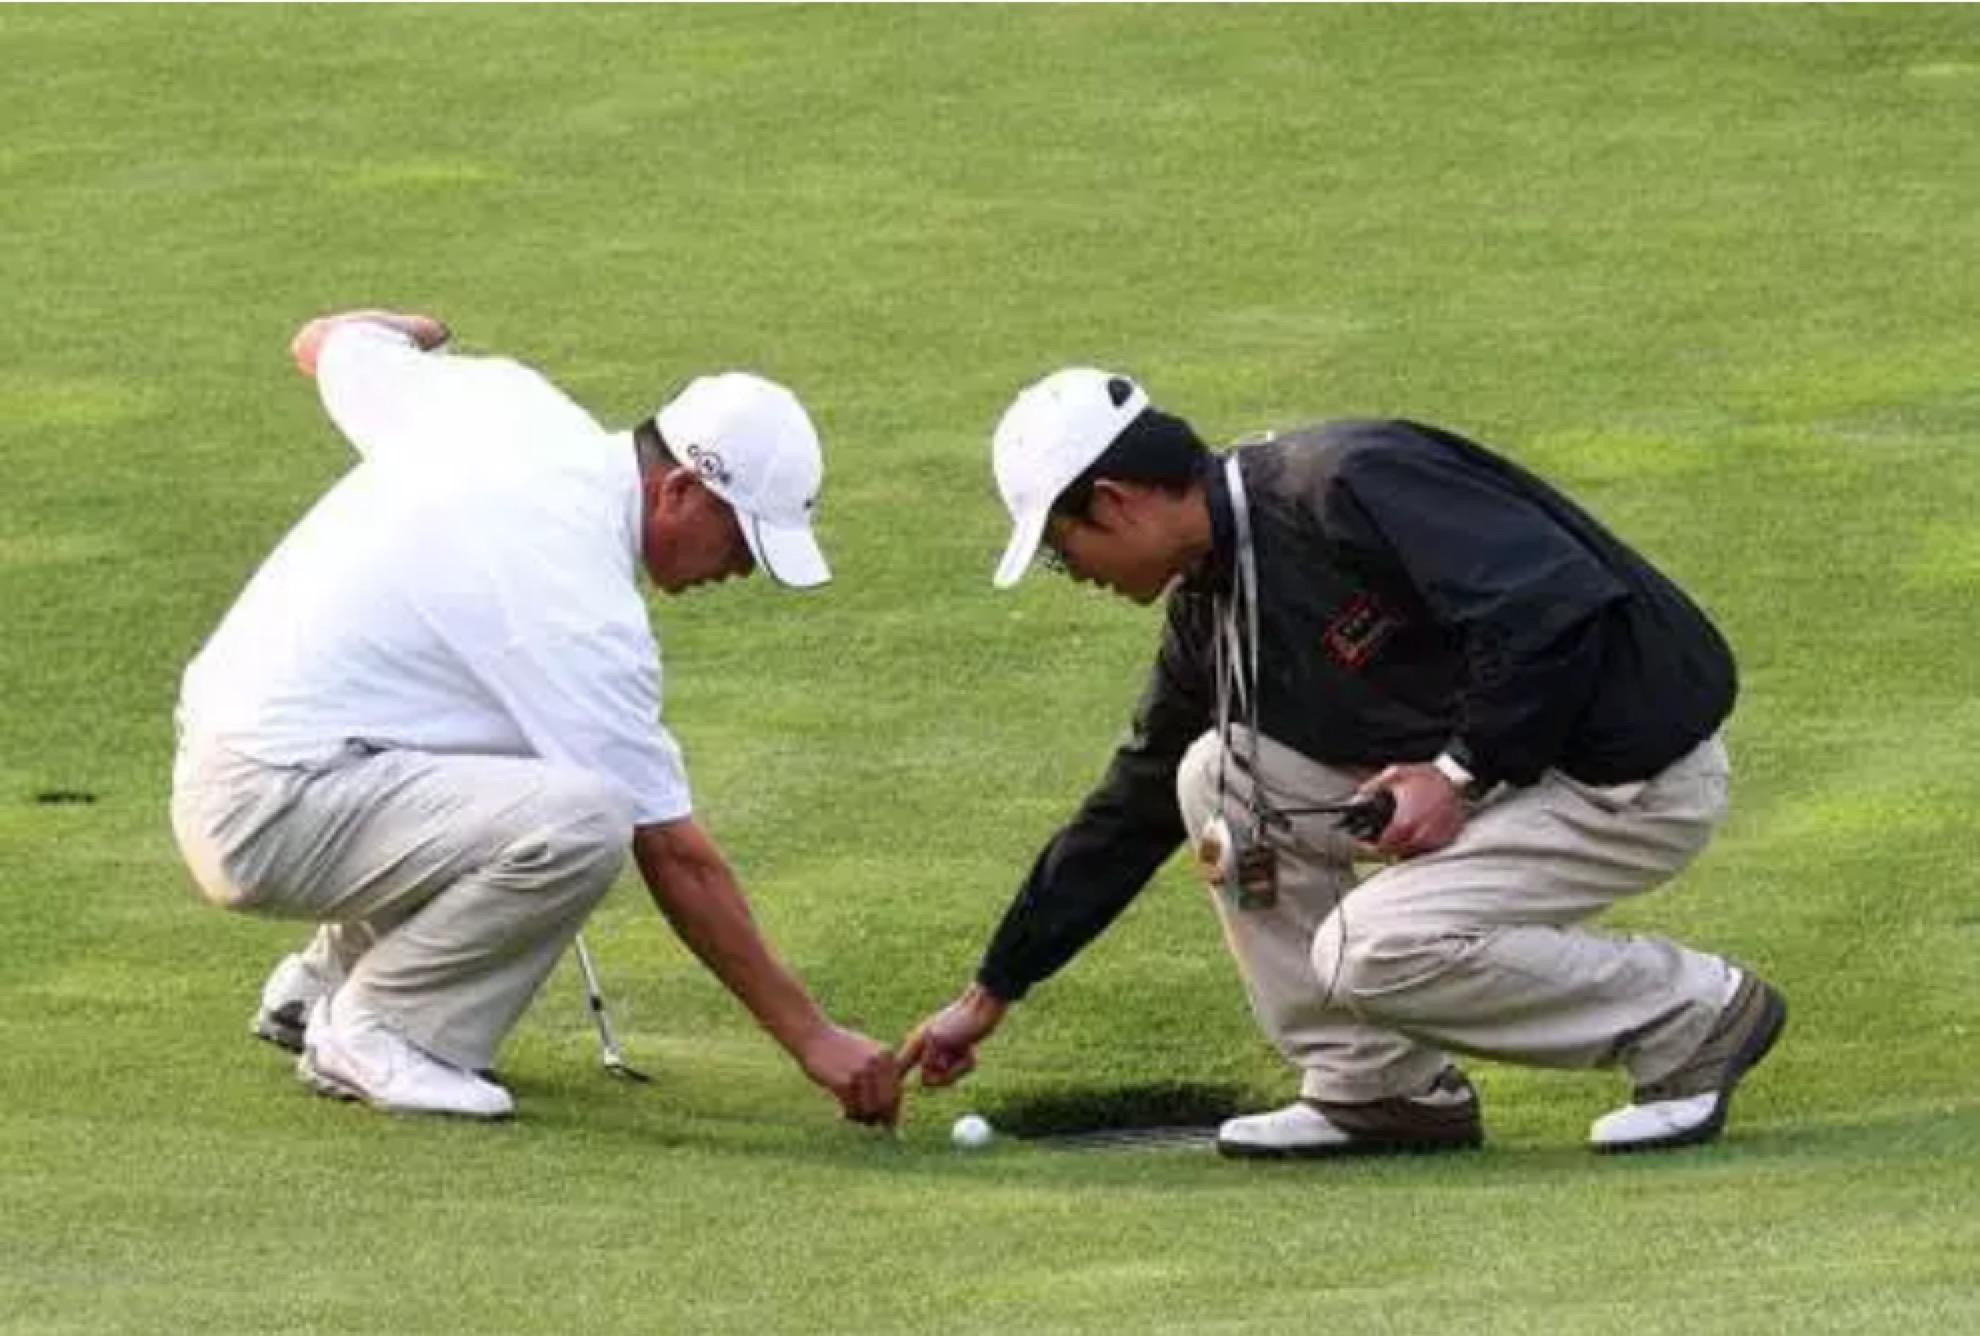 没有什么运动,比高尔夫看得更多!-球包通